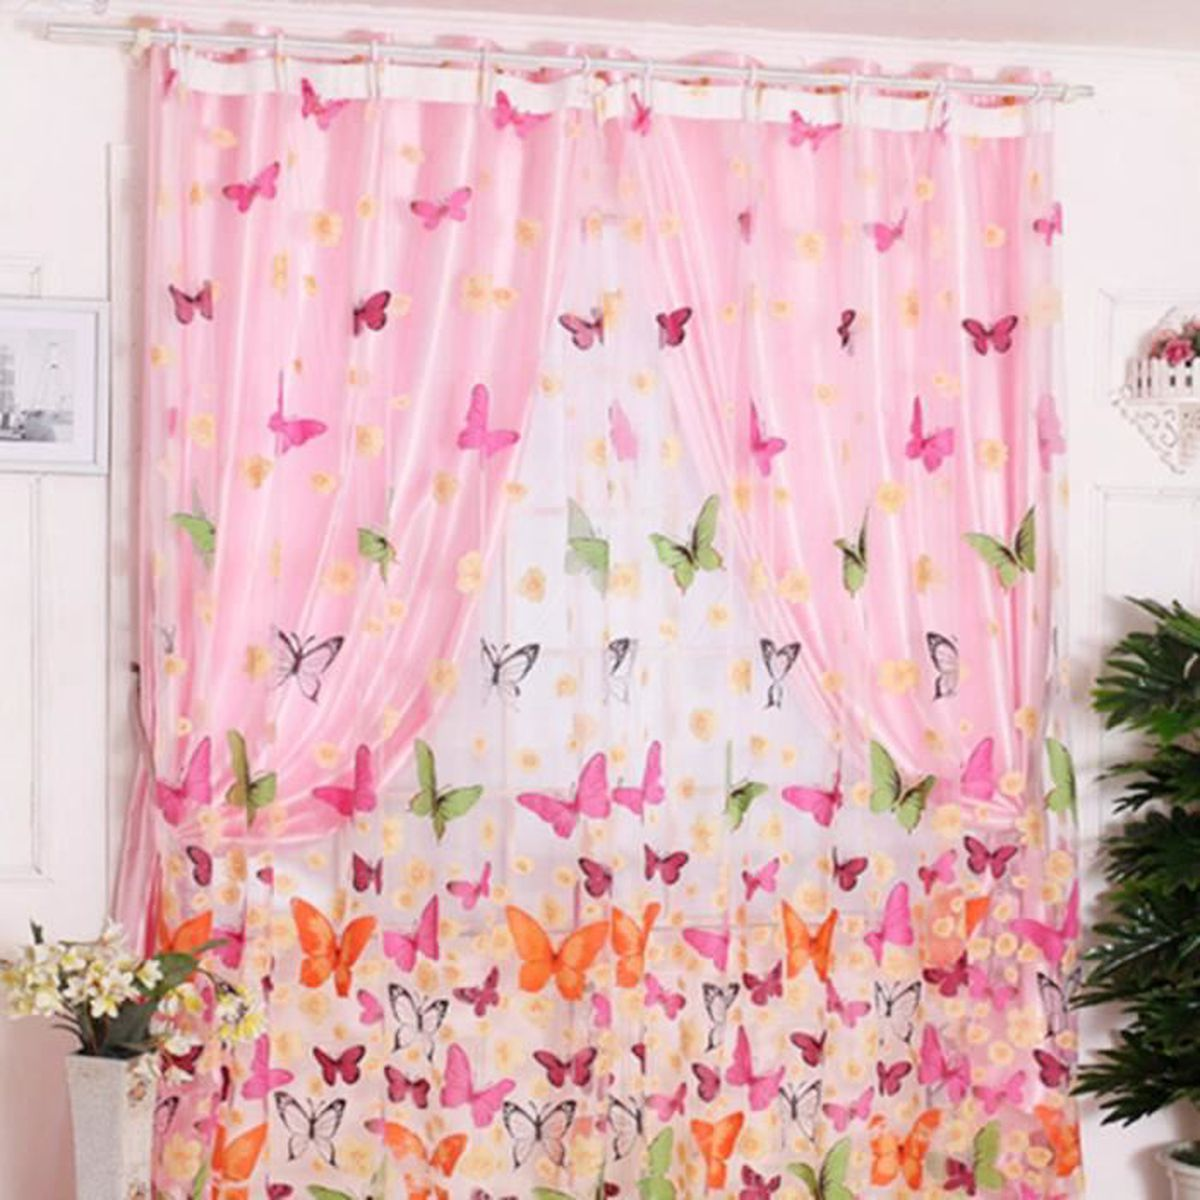 Double voile rideau nouveaut papillon salle bain balcon maison achat vente rideau cdiscount for Double rideau rose